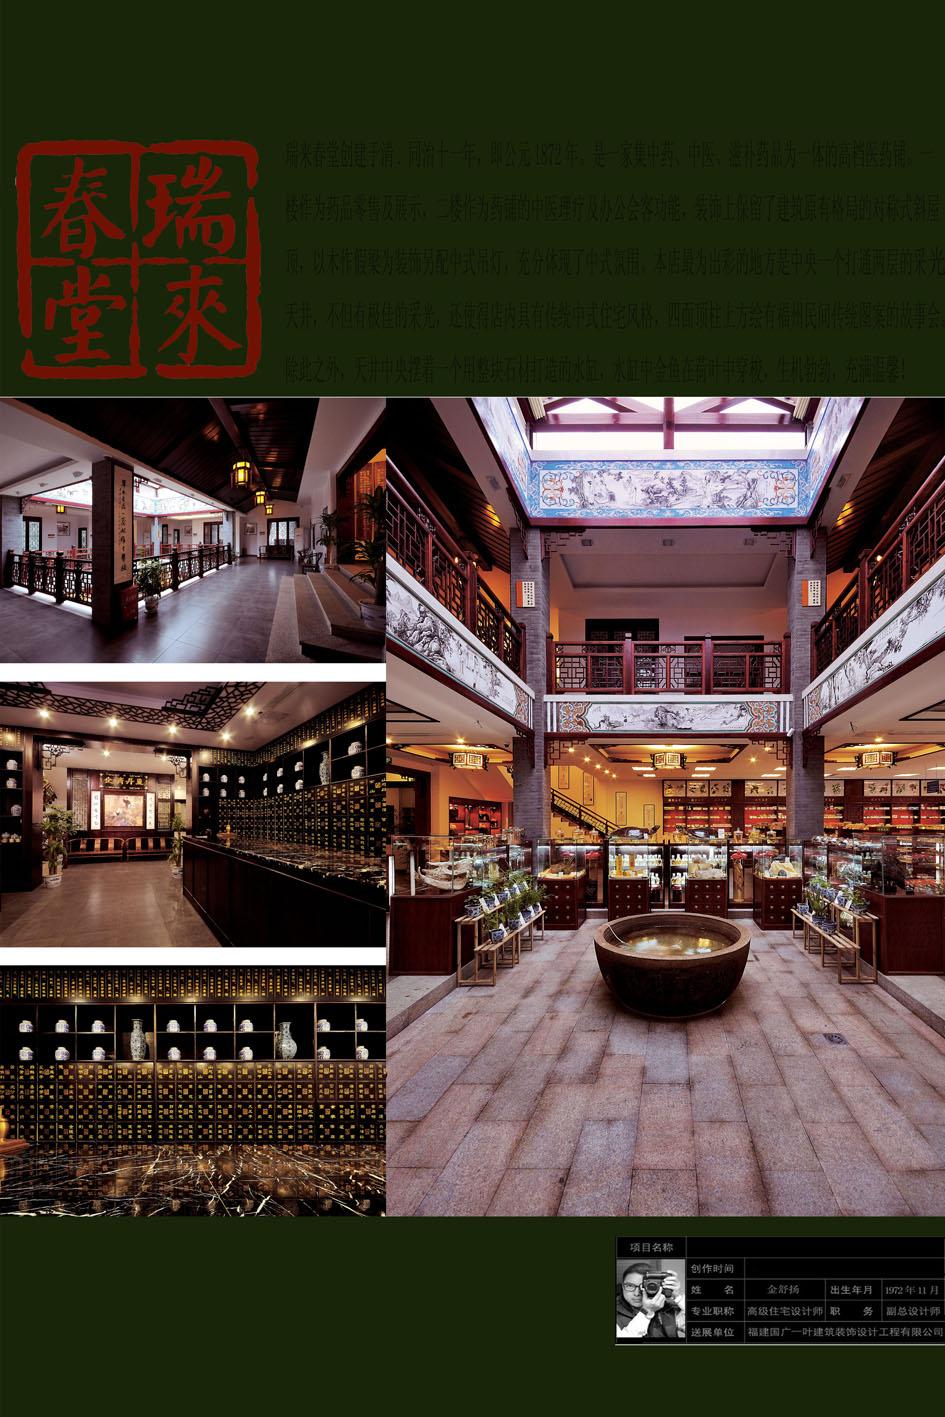 国广一叶作品 瑞来春堂 荣获2010中国福州第五届室内设计大赛公建工